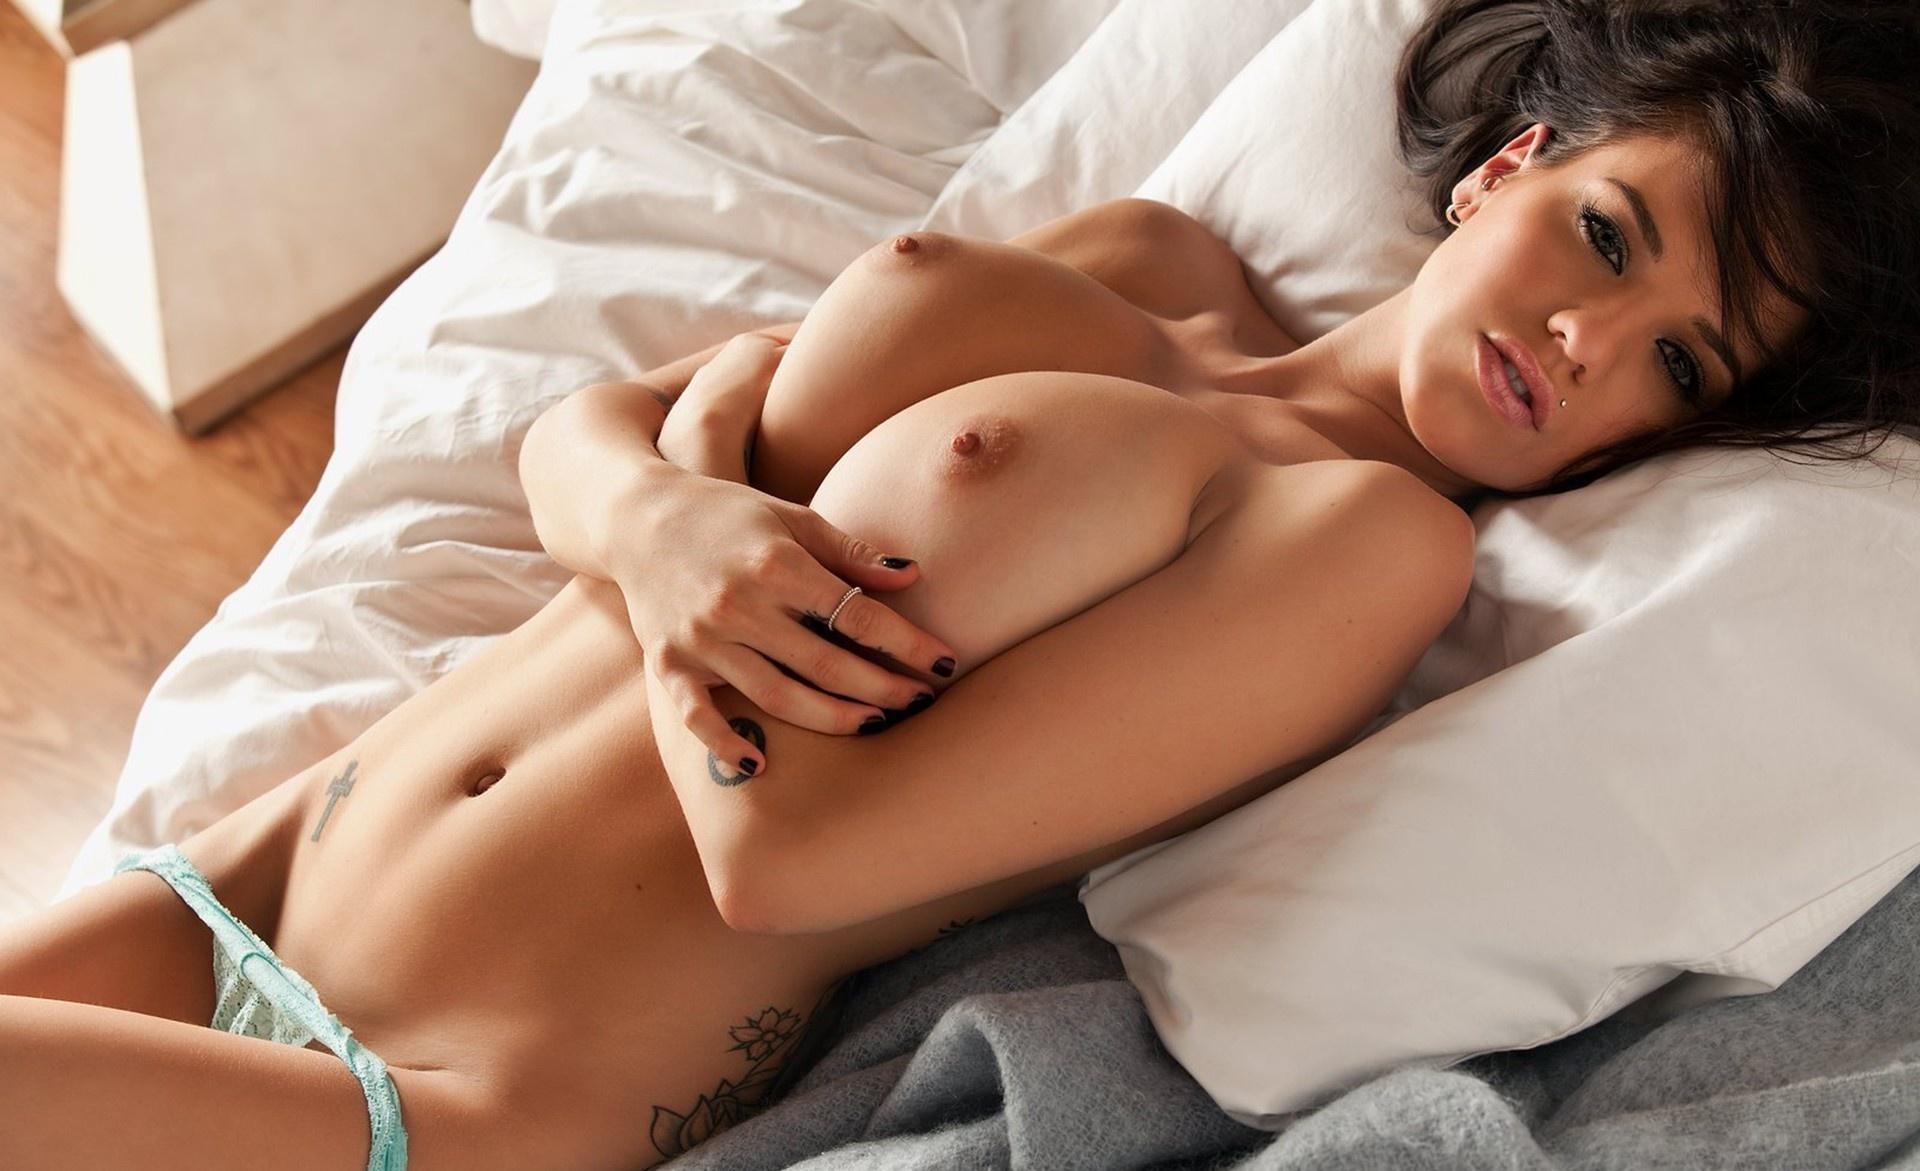 Wallpaper tess taylor brunette hot sexy boobs panties